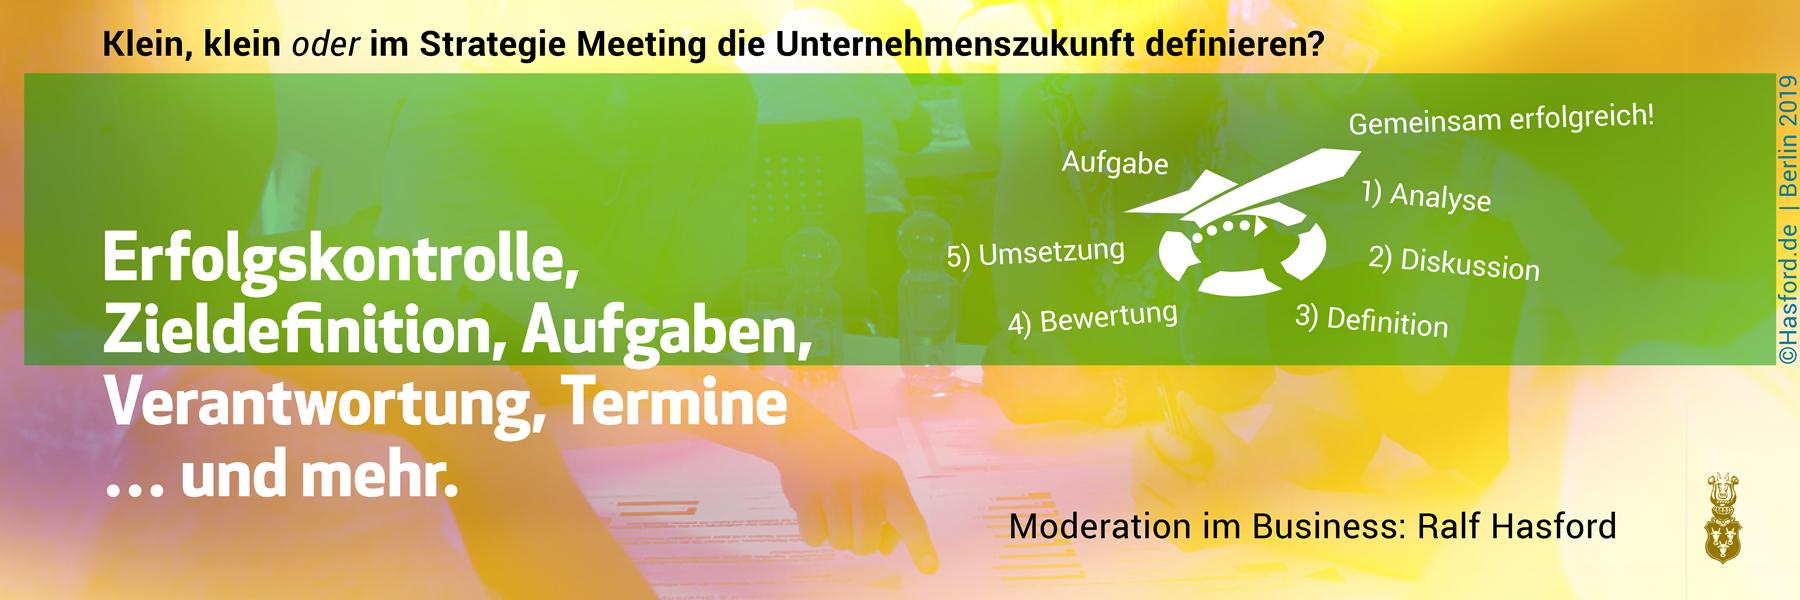 Strategie Meeting im Business und der Organisation. Strategie auf neue Beine stellen. Strategische Planung und Ausrichtung bei allen Fragen zu Unternehmensentwicklung, Digitaler Wandel, eBusiness. Ziele und Aufgaben definieren und Umsetzung starten.